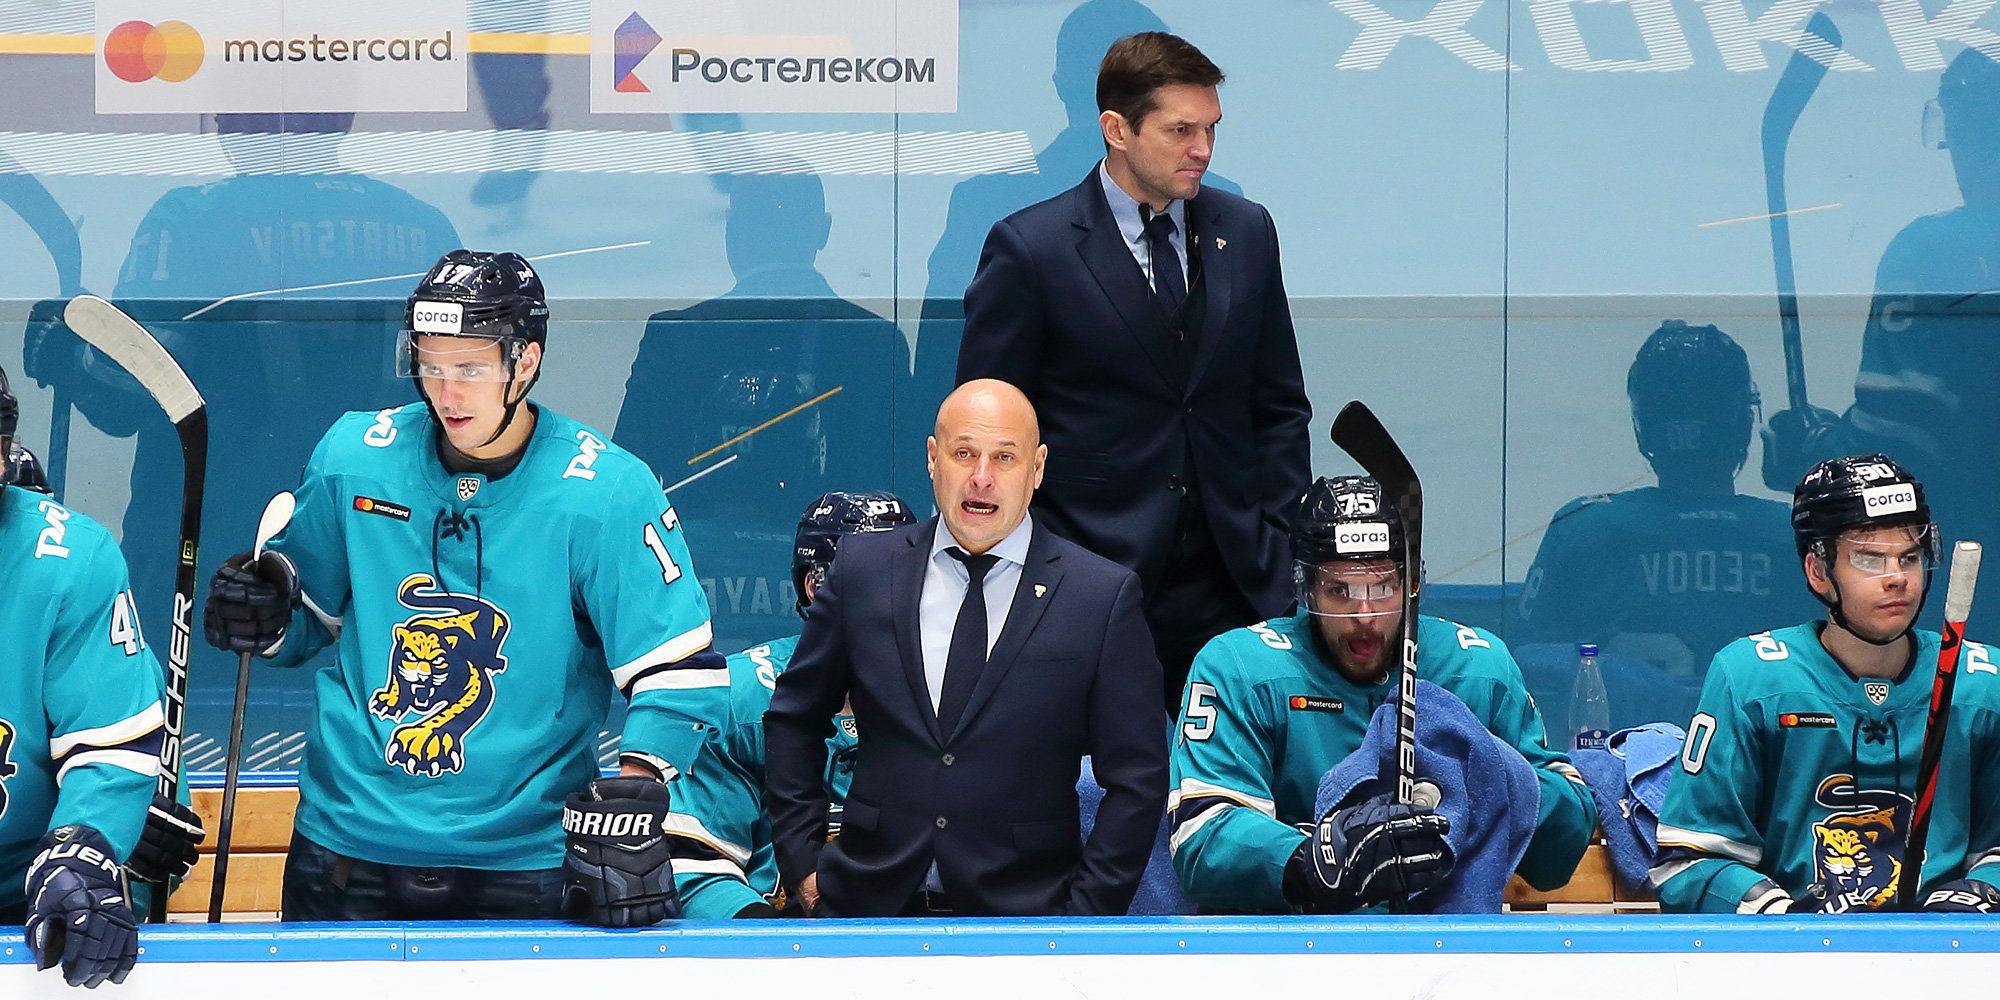 Евгений Ставровский: «Точицкий, Шмелев и Руденков – это три игрока, которые делали результат»